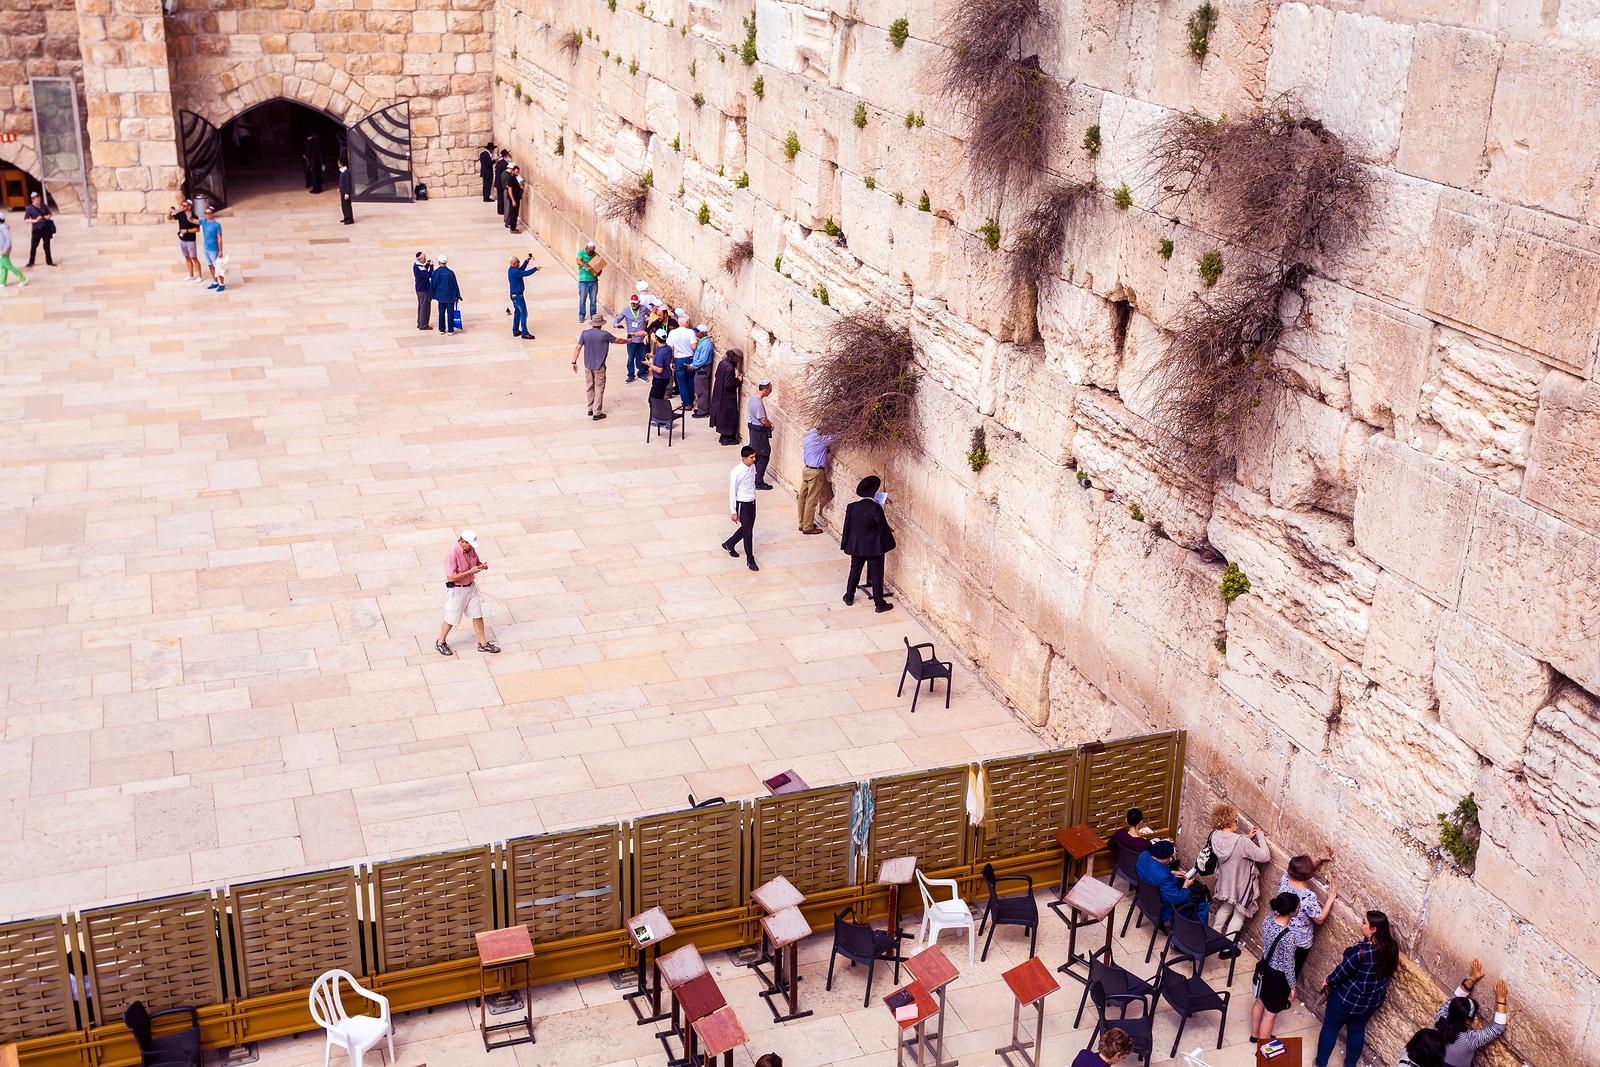 Área com turistas orando no Muro das Lamentações em Jerusalém, Israel.